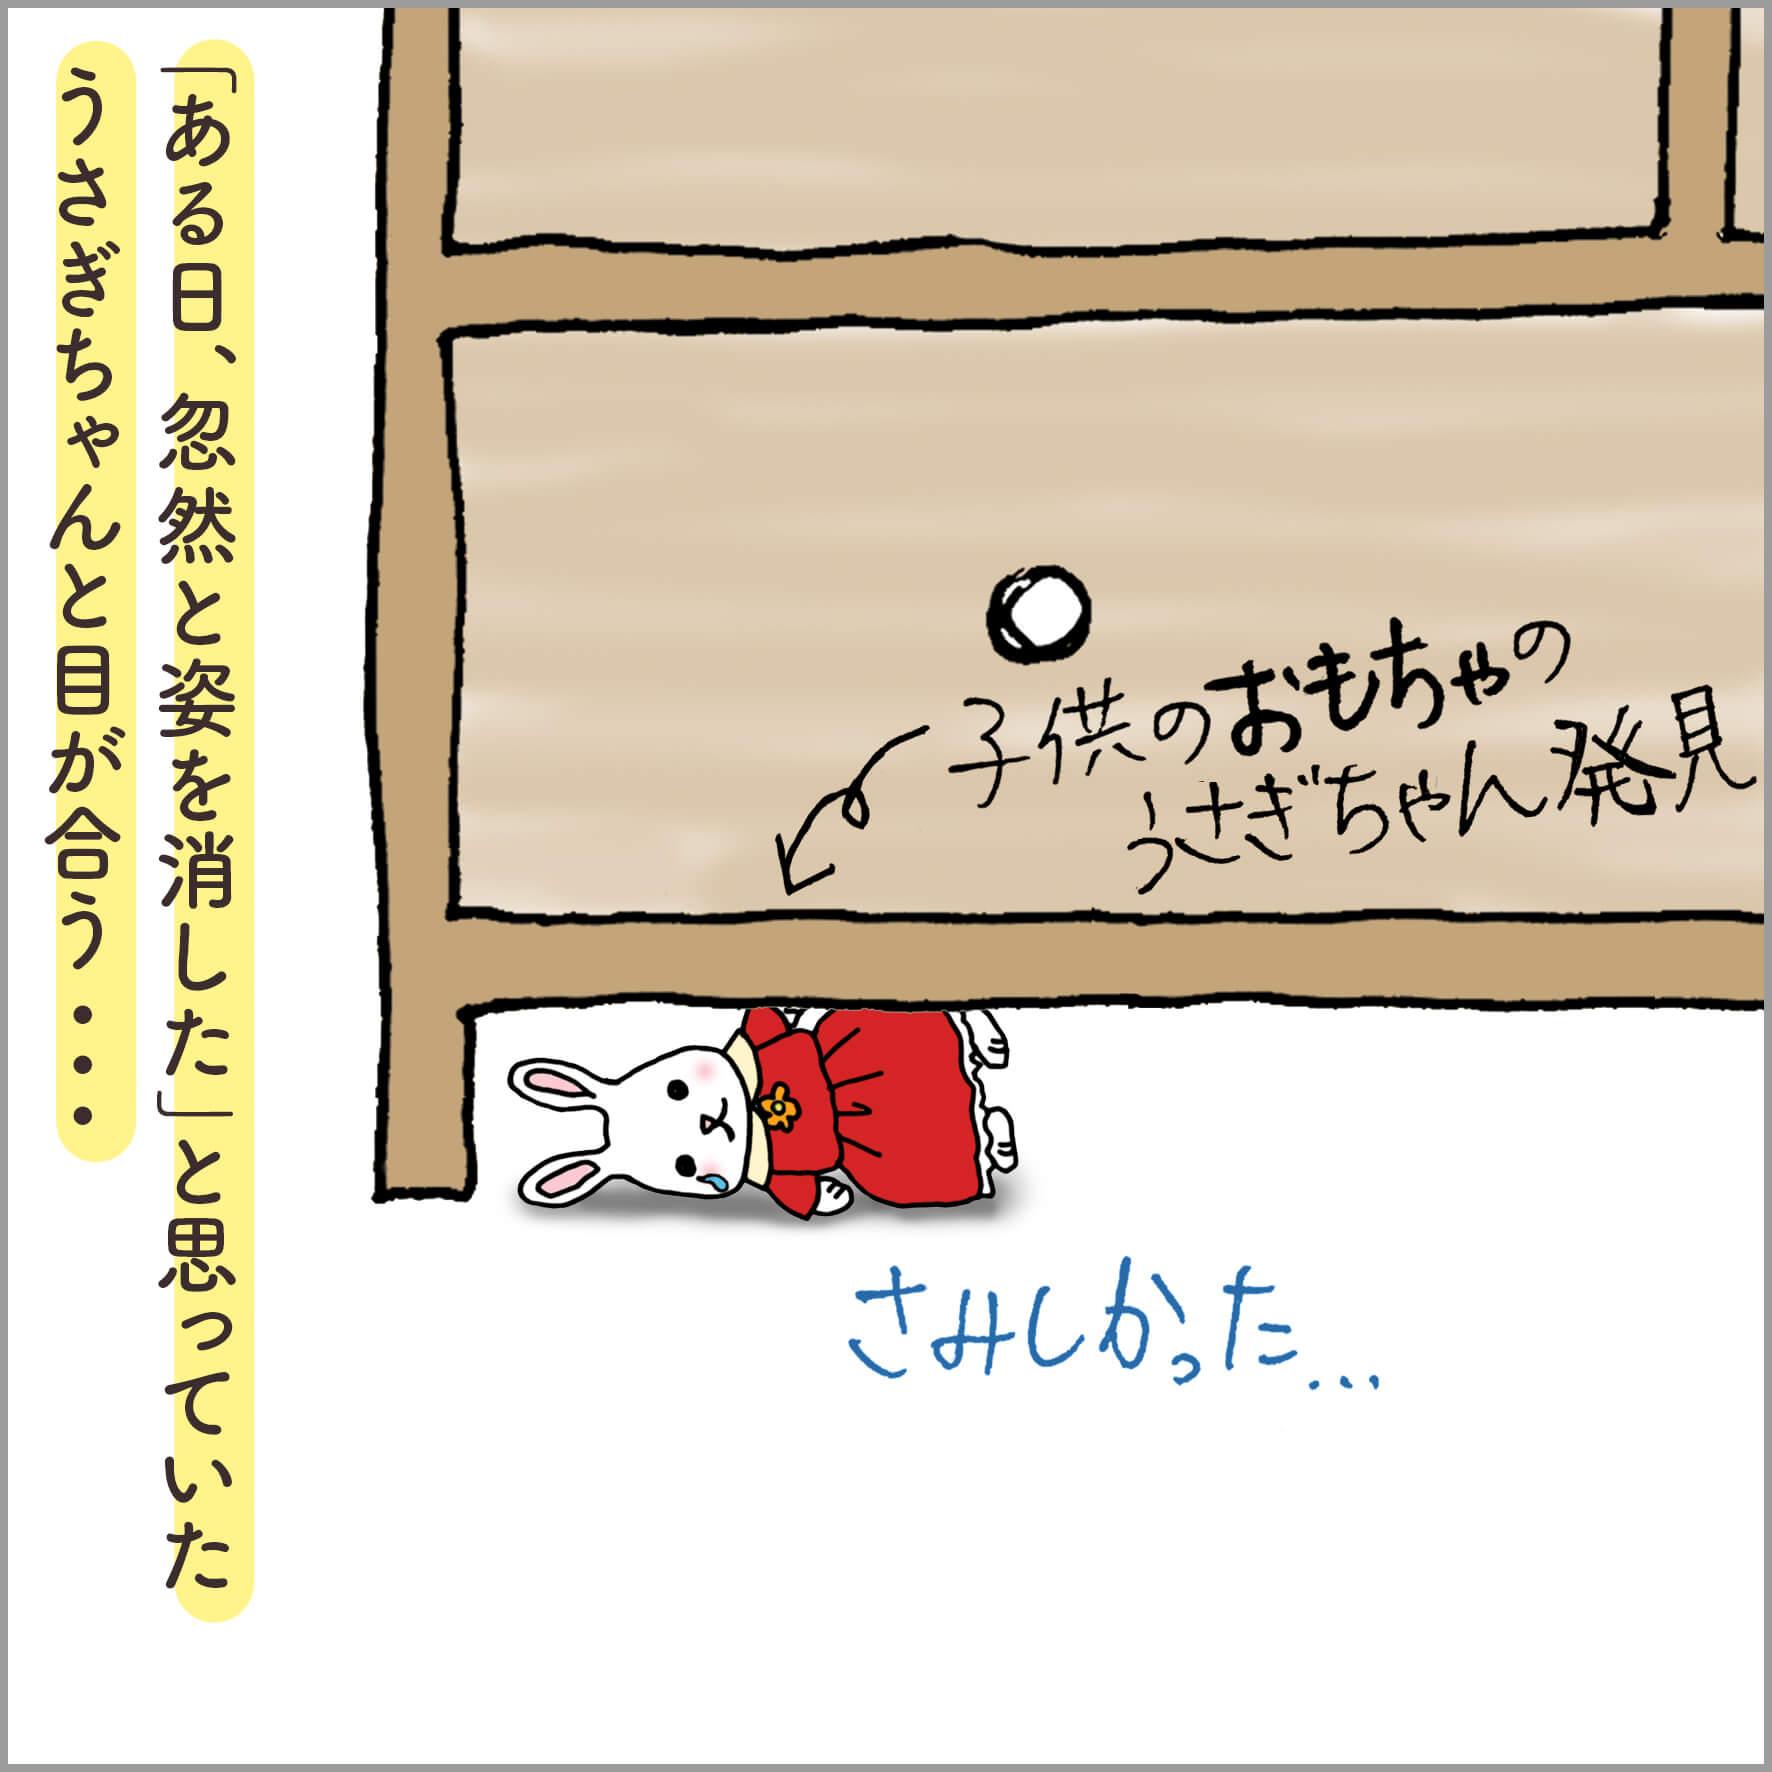 チェストの下に隠れている子供のおもちゃのうさぎ